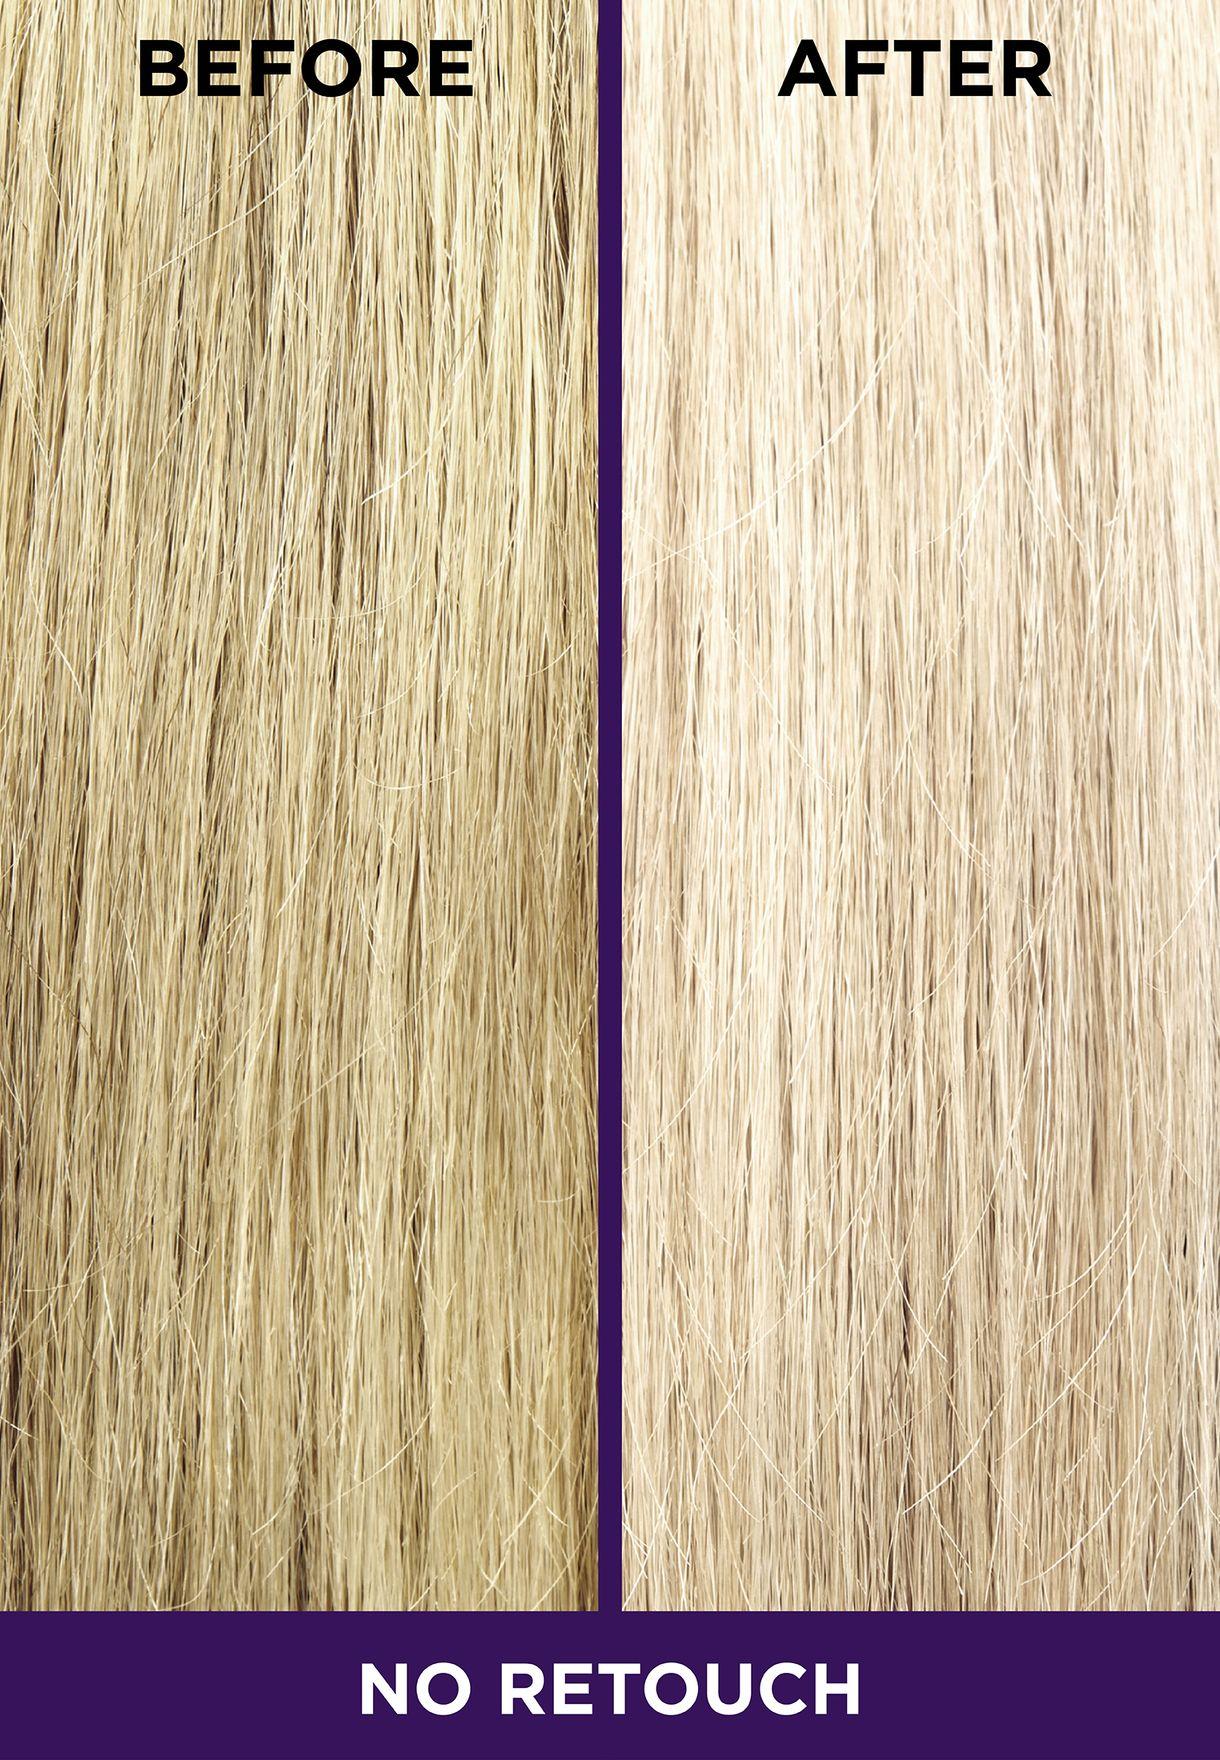 مجموعة شامبو وبلسم ايلفيف بوربل - فرشاة شعر مجانية